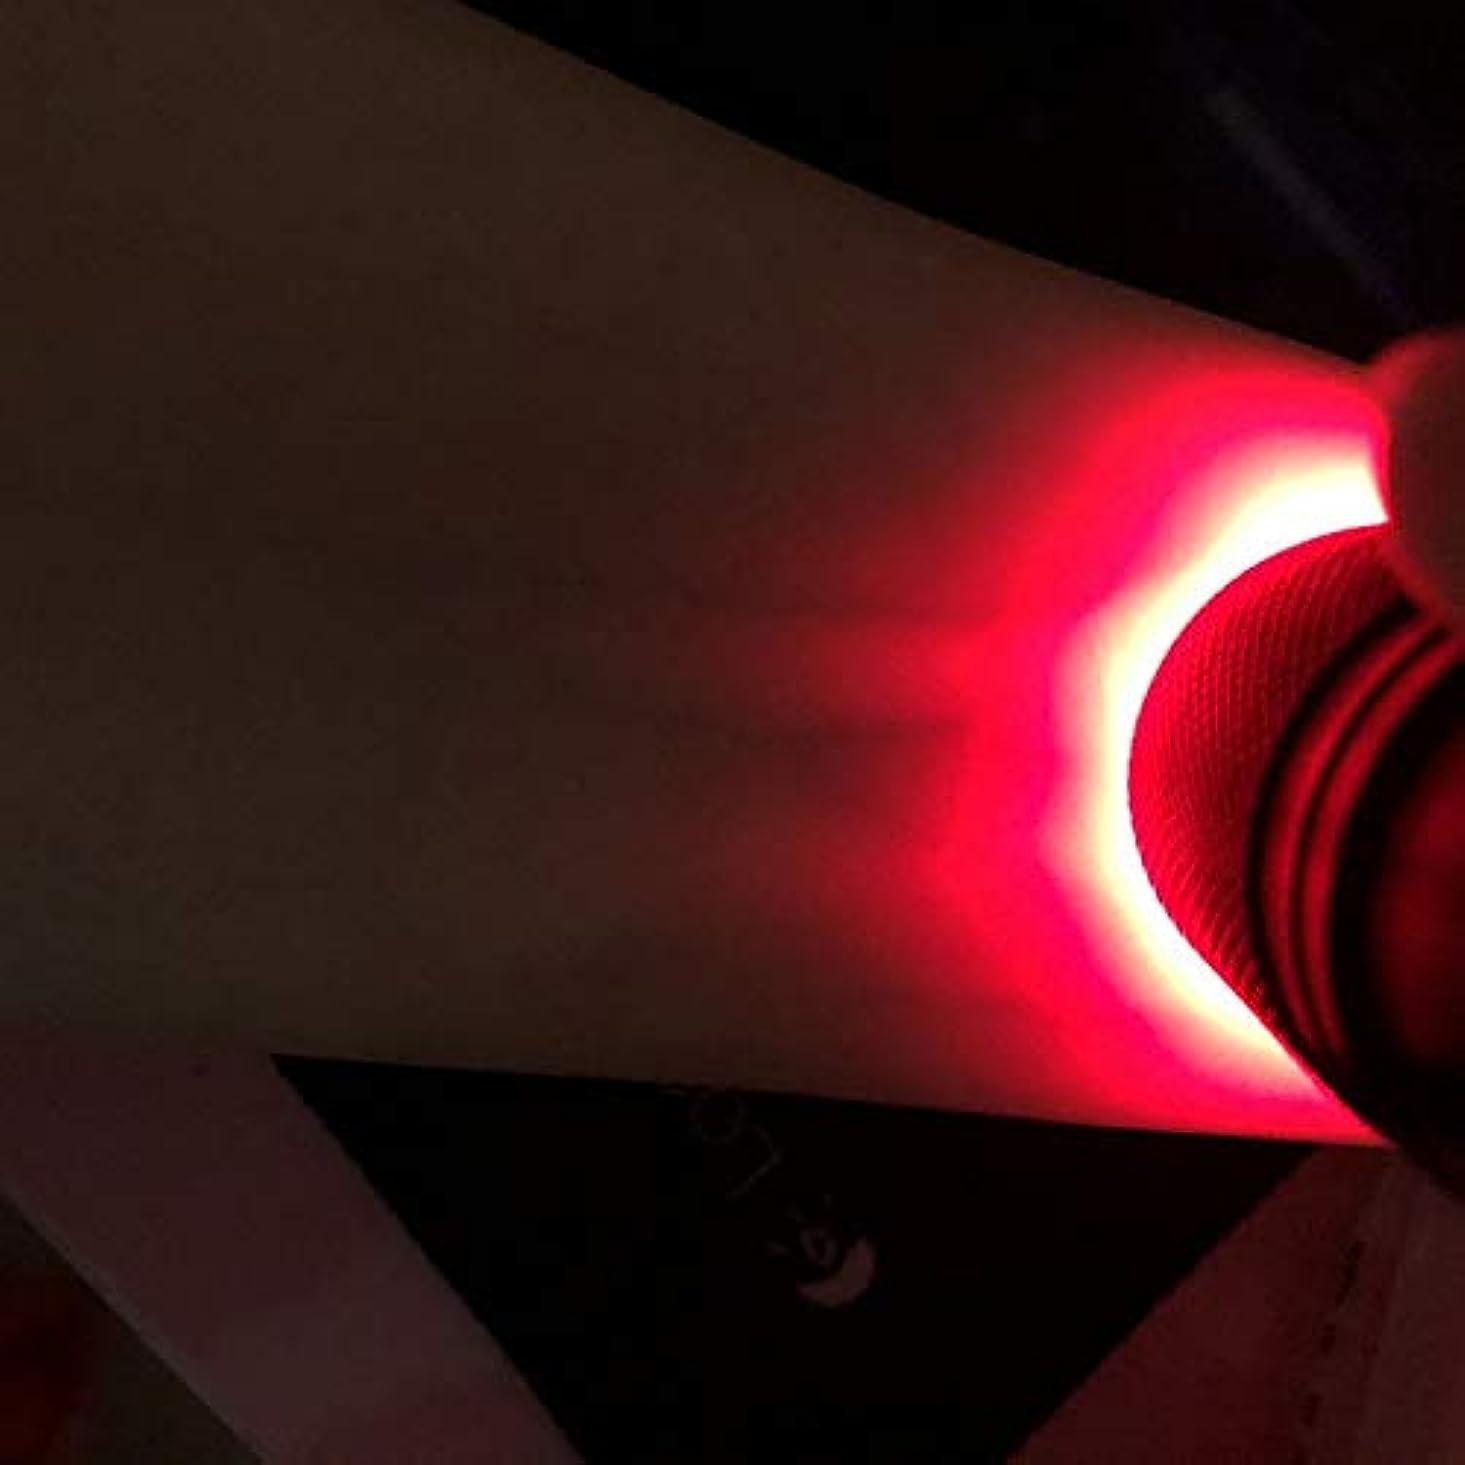 行く小麦安西静脈イメージング懐中電灯血管ディスプレイ懐中電灯手穿刺による血管ライトの確認皮下静脈デバイスの発見が容易